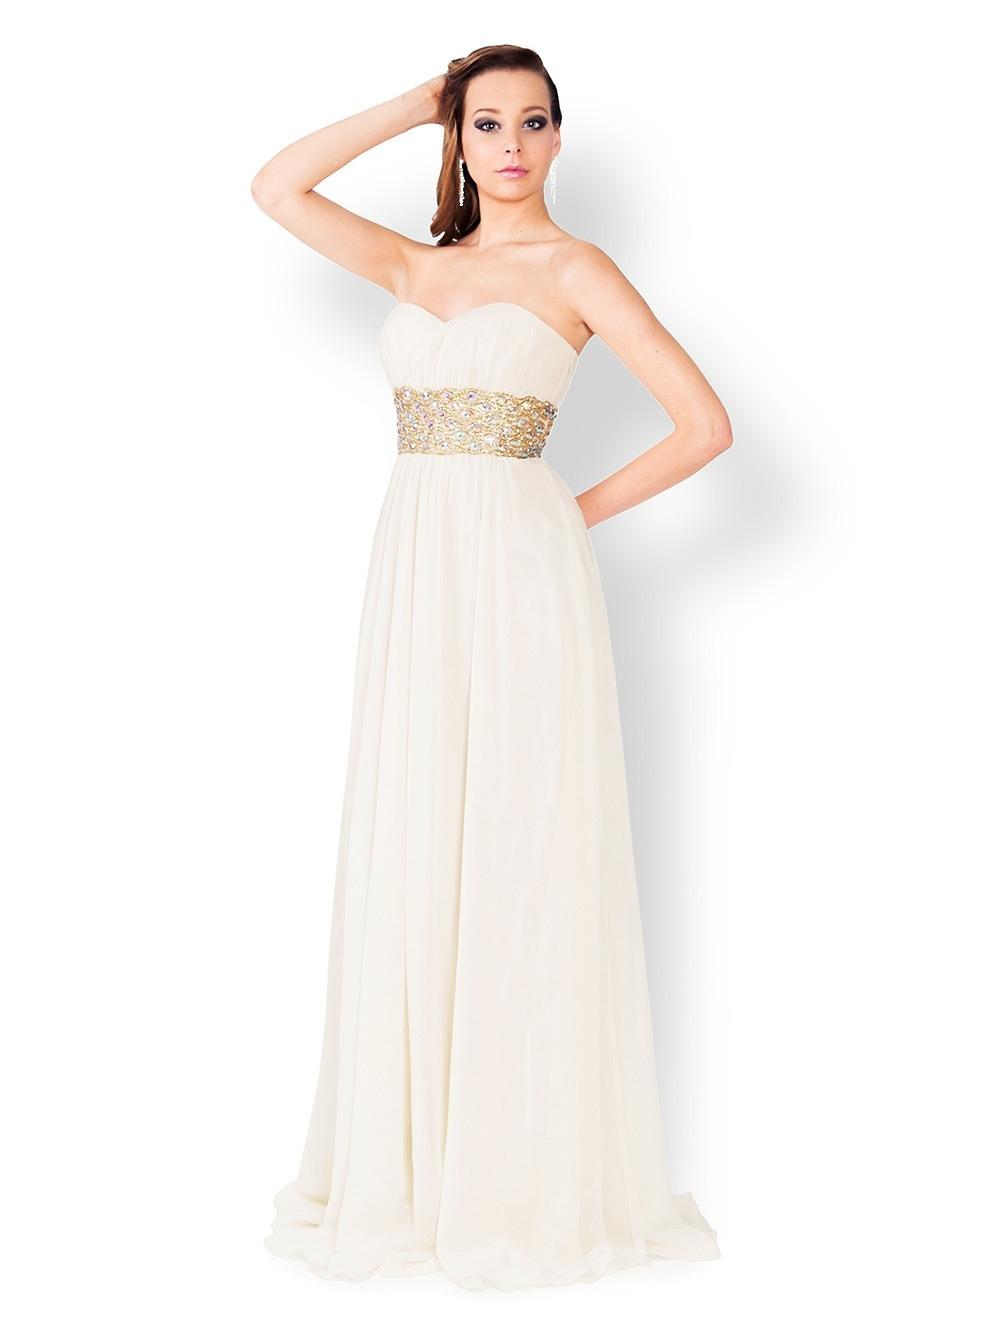 15 Erstaunlich Abendkleider Lang Cremefarben StylishDesigner Cool Abendkleider Lang Cremefarben Boutique